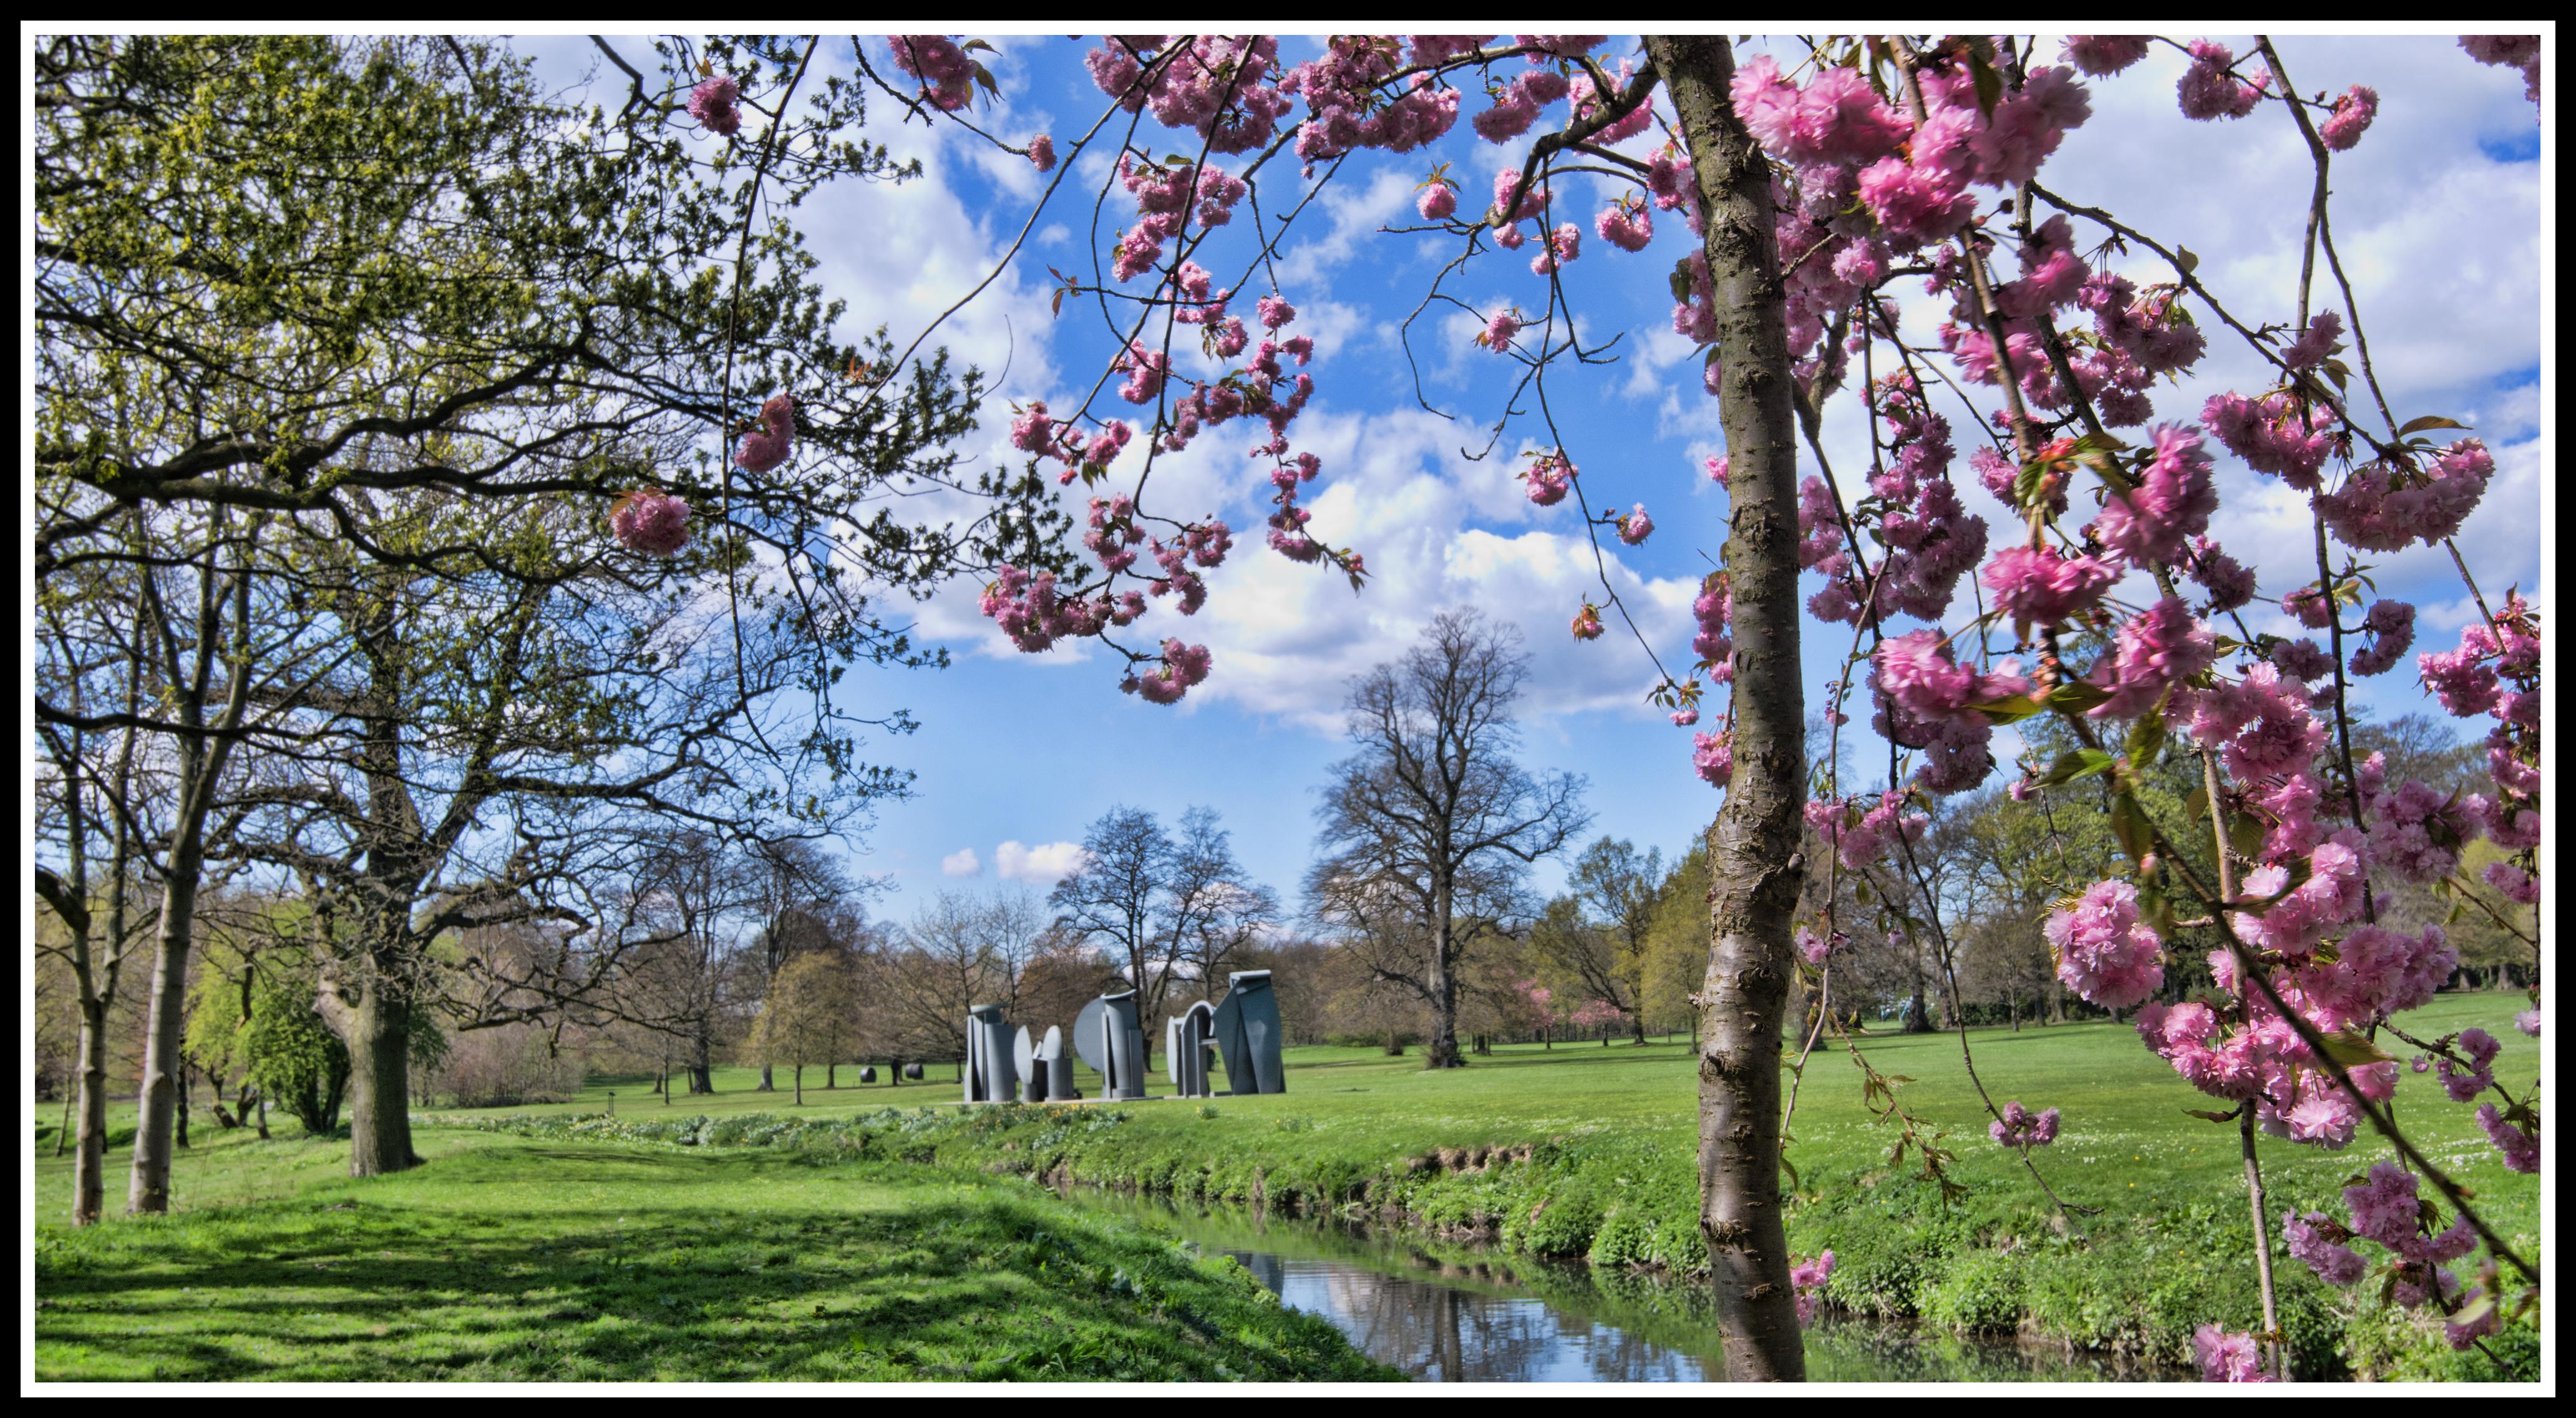 Moderne Stehlen kostenlose foto landschaft baum blühen pflanze himmel blume